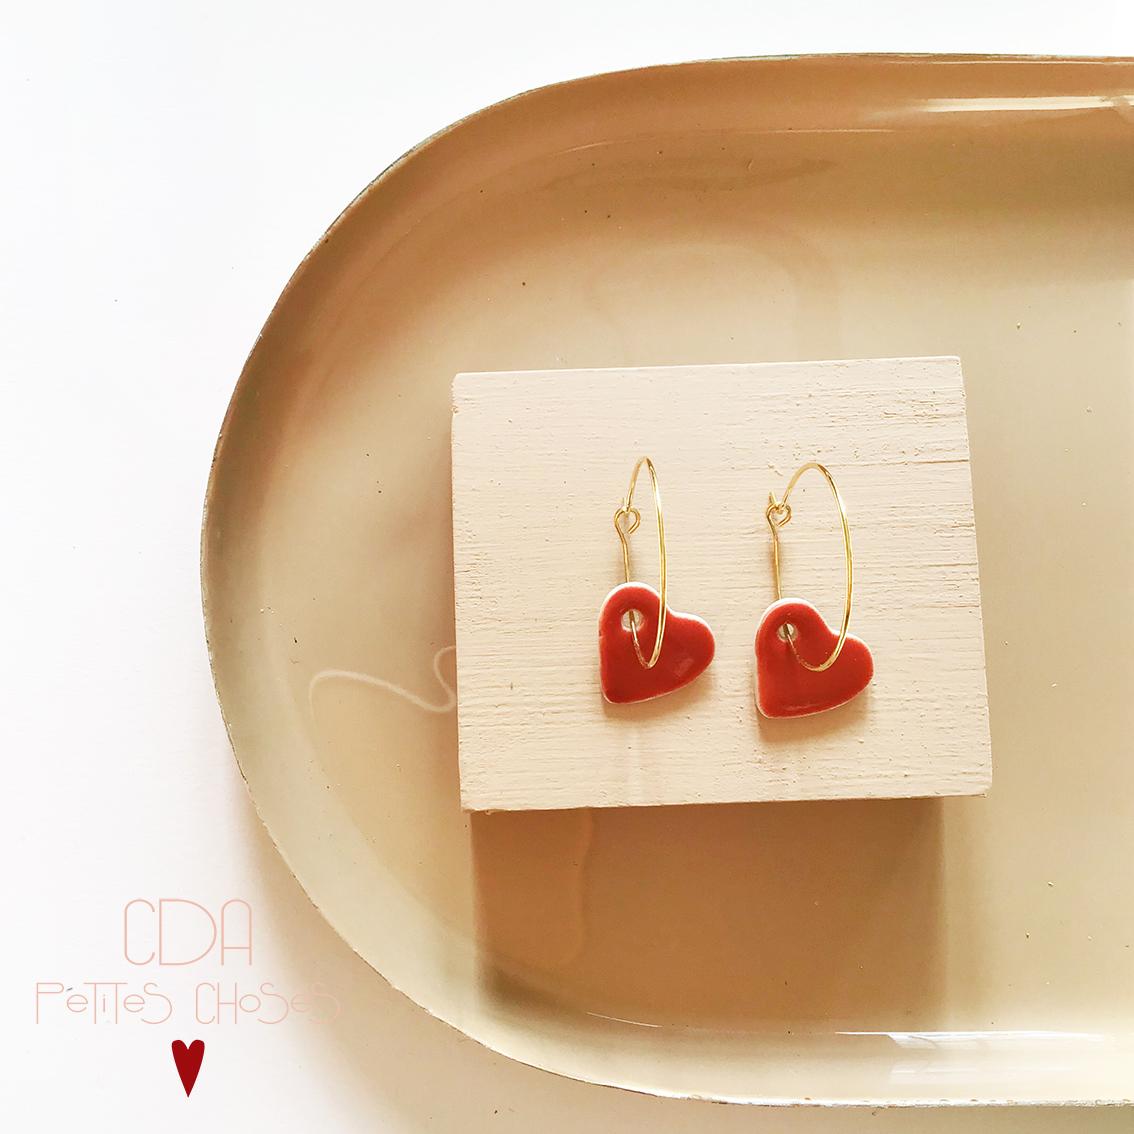 boucles-d'oreilles-creoles-coeur-rouge-CDA Petites Choses